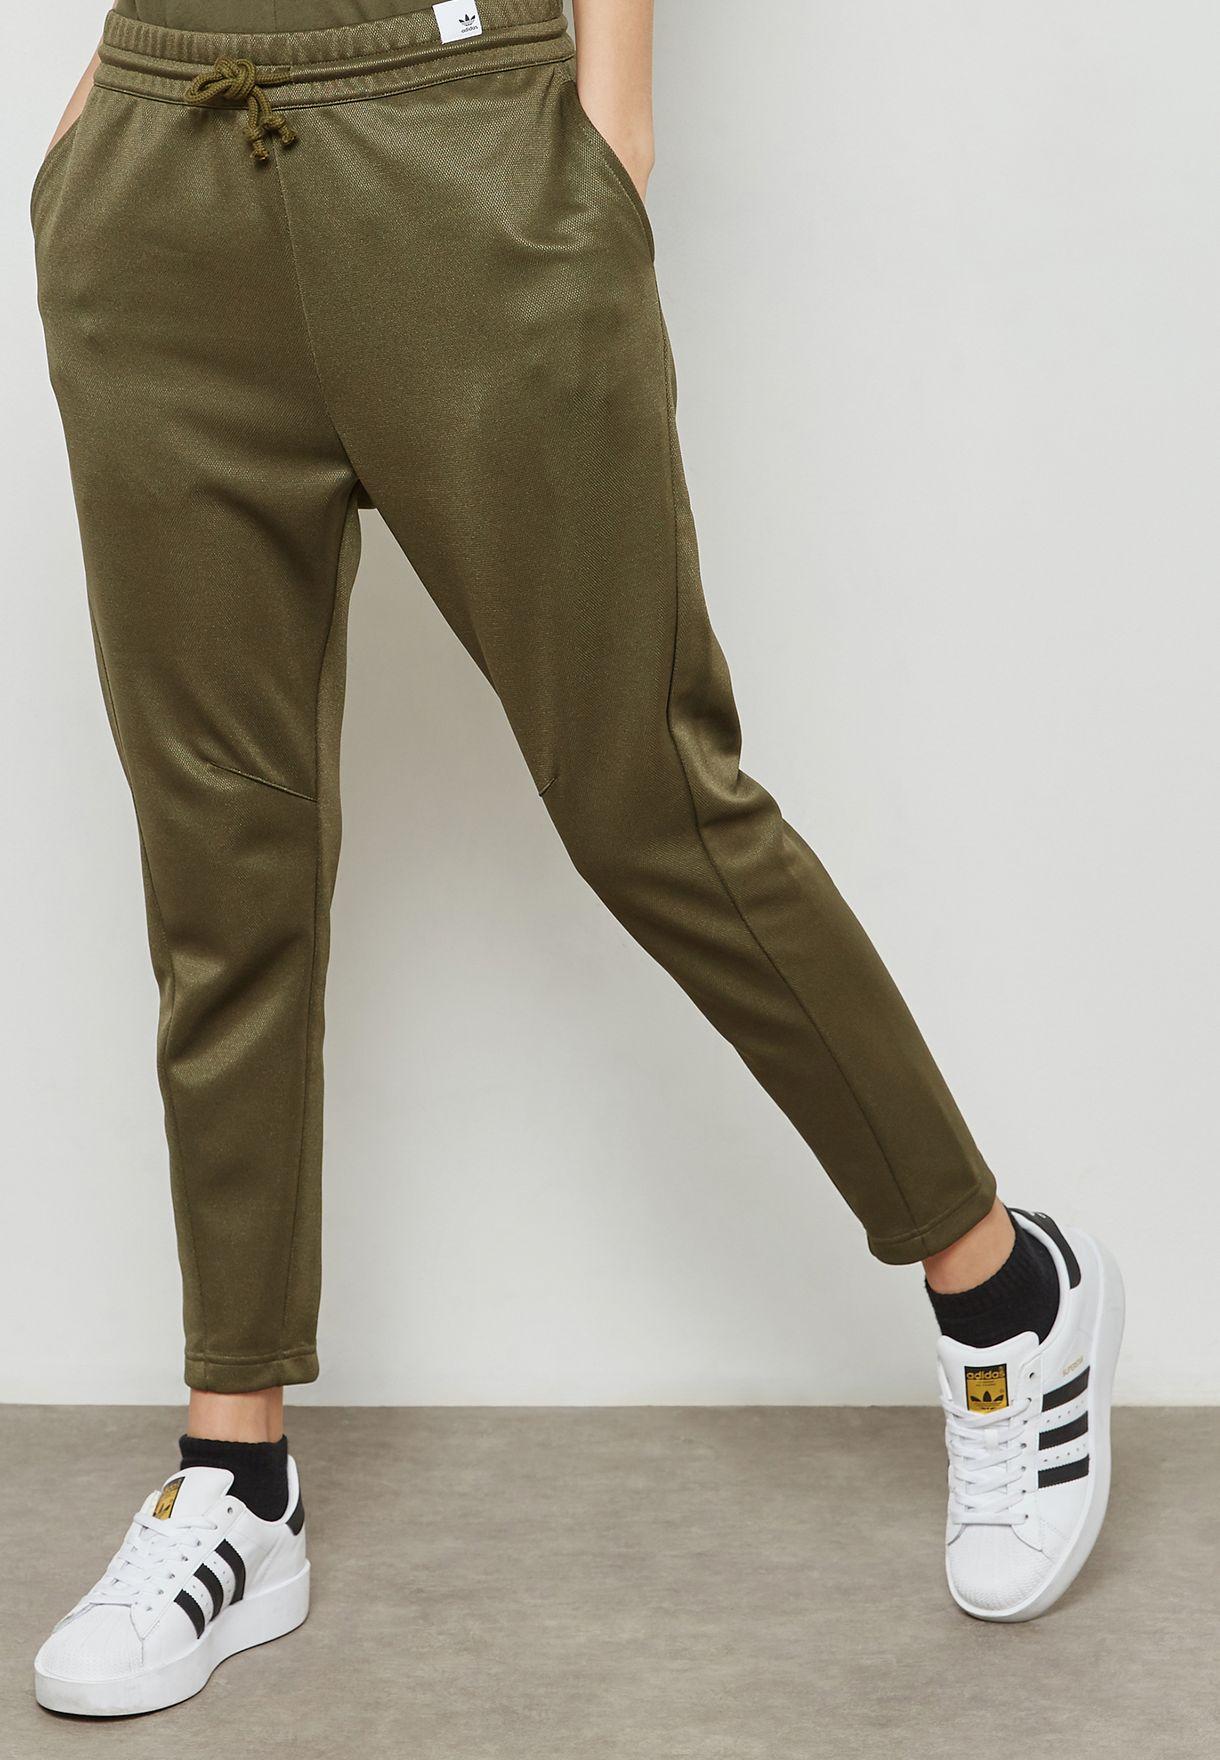 8328a9cdb6 Shop adidas Originals green XBYO Sweatpants CV8580 for Women in UAE ...